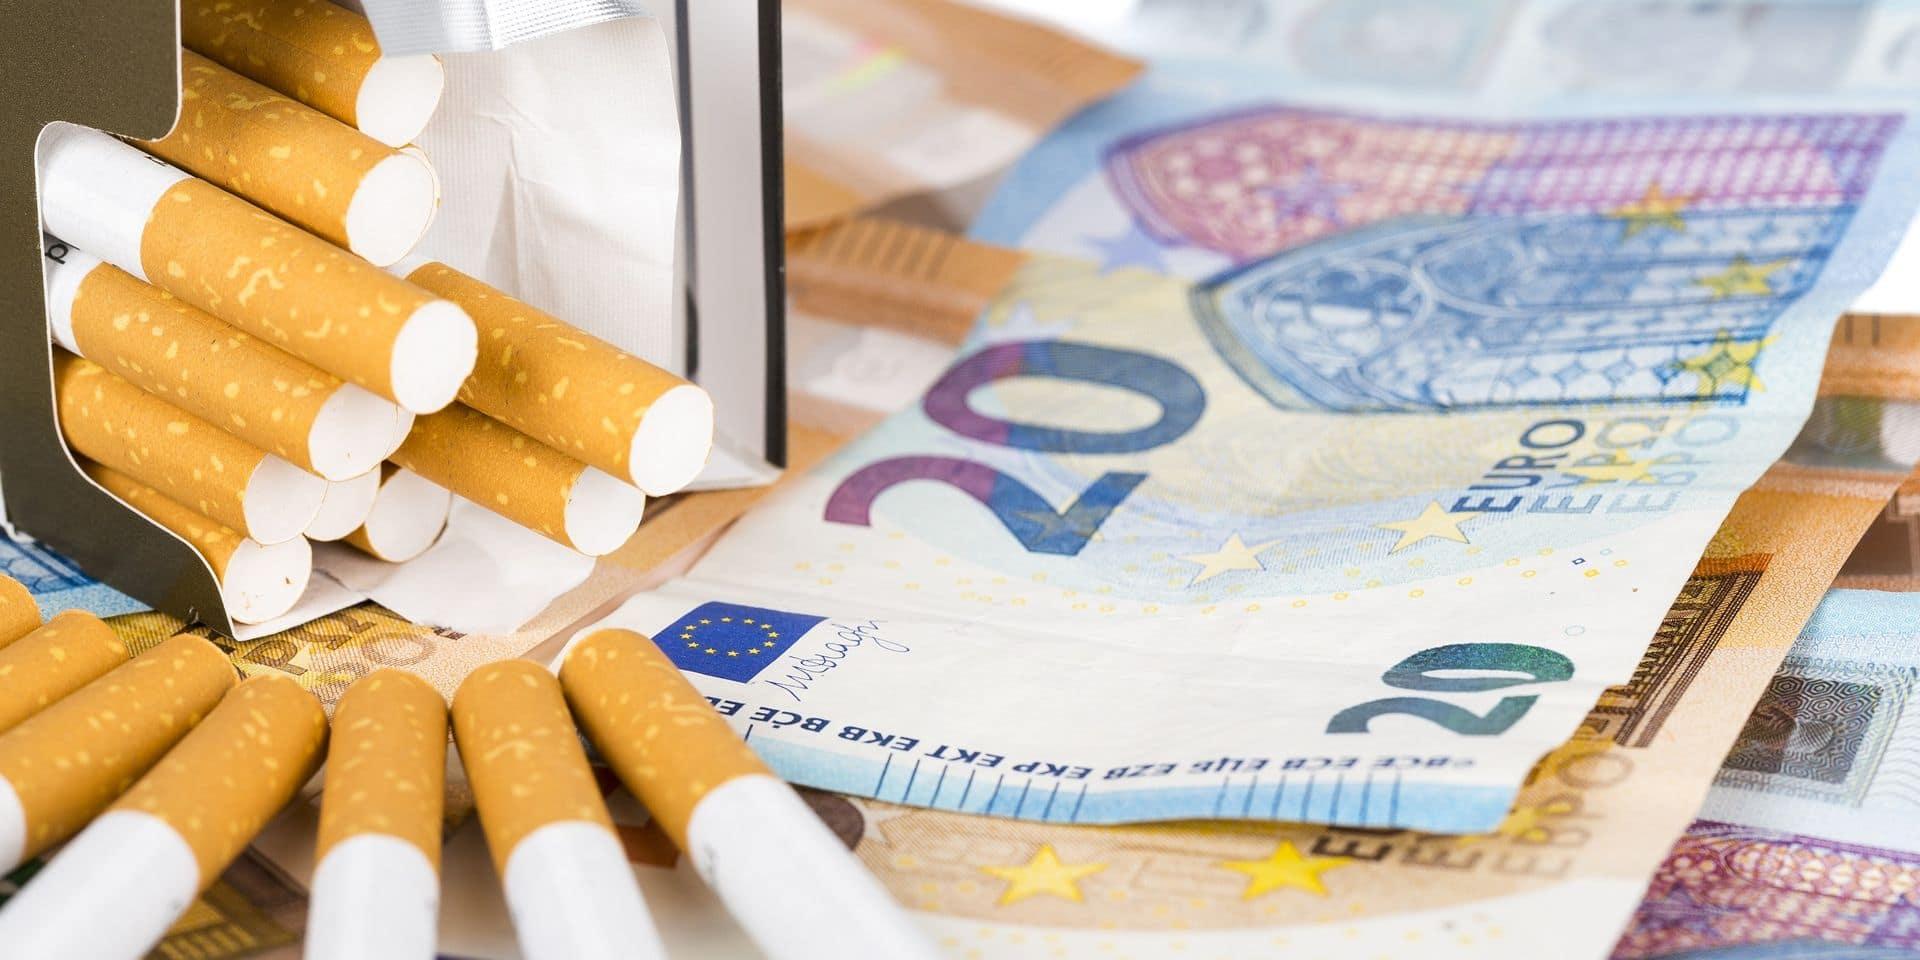 Même moins nombreux, les fumeurs restent une mine d'or pour l'Europe et la Belgique